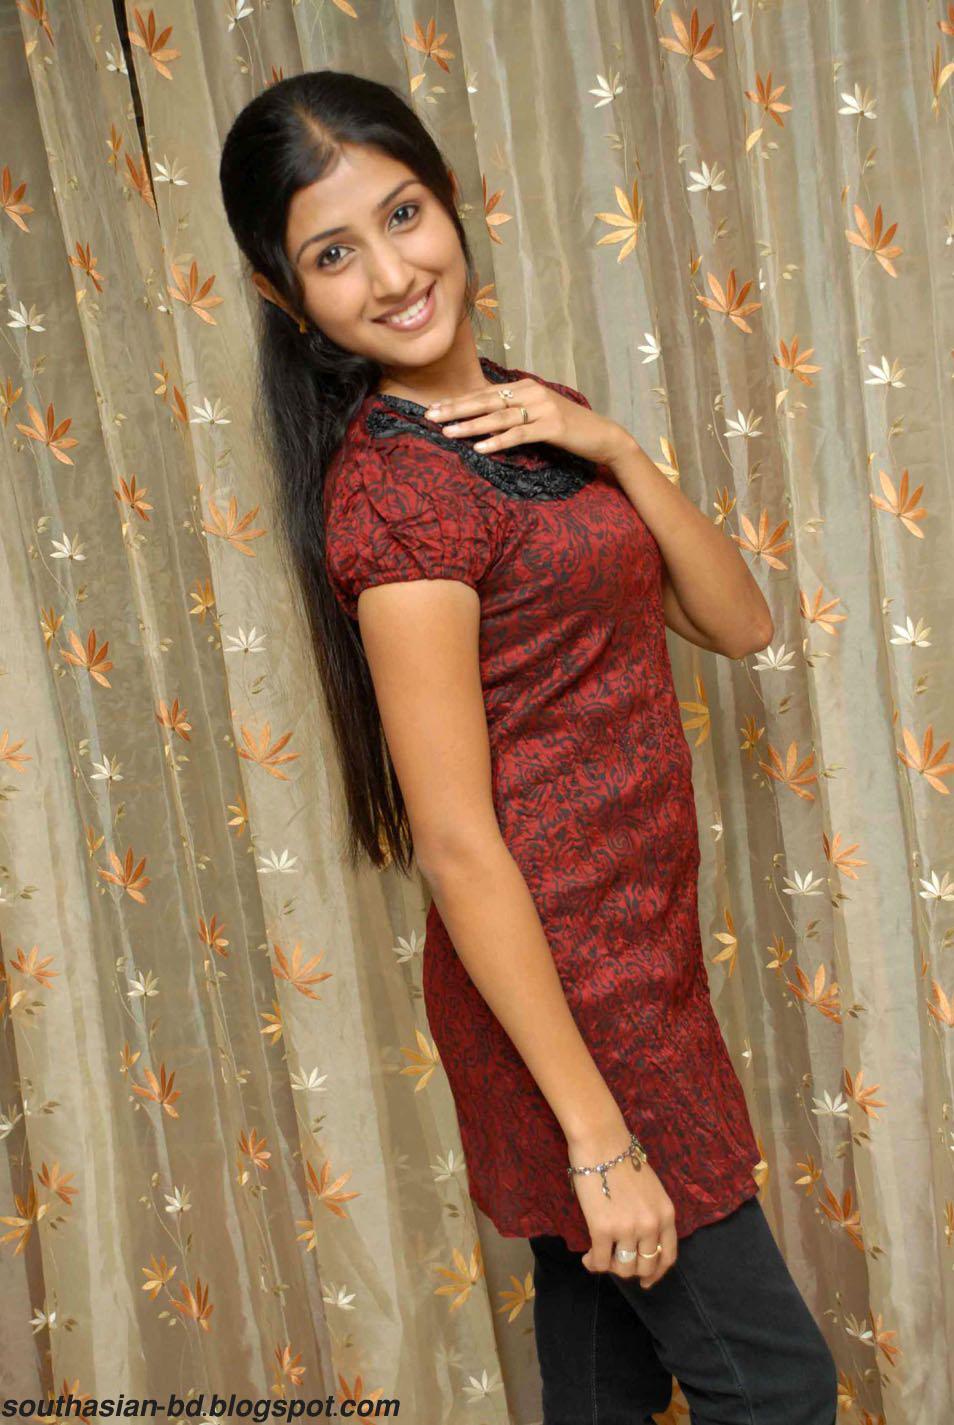 desi model supritha latest stills pics wallpaper telugu